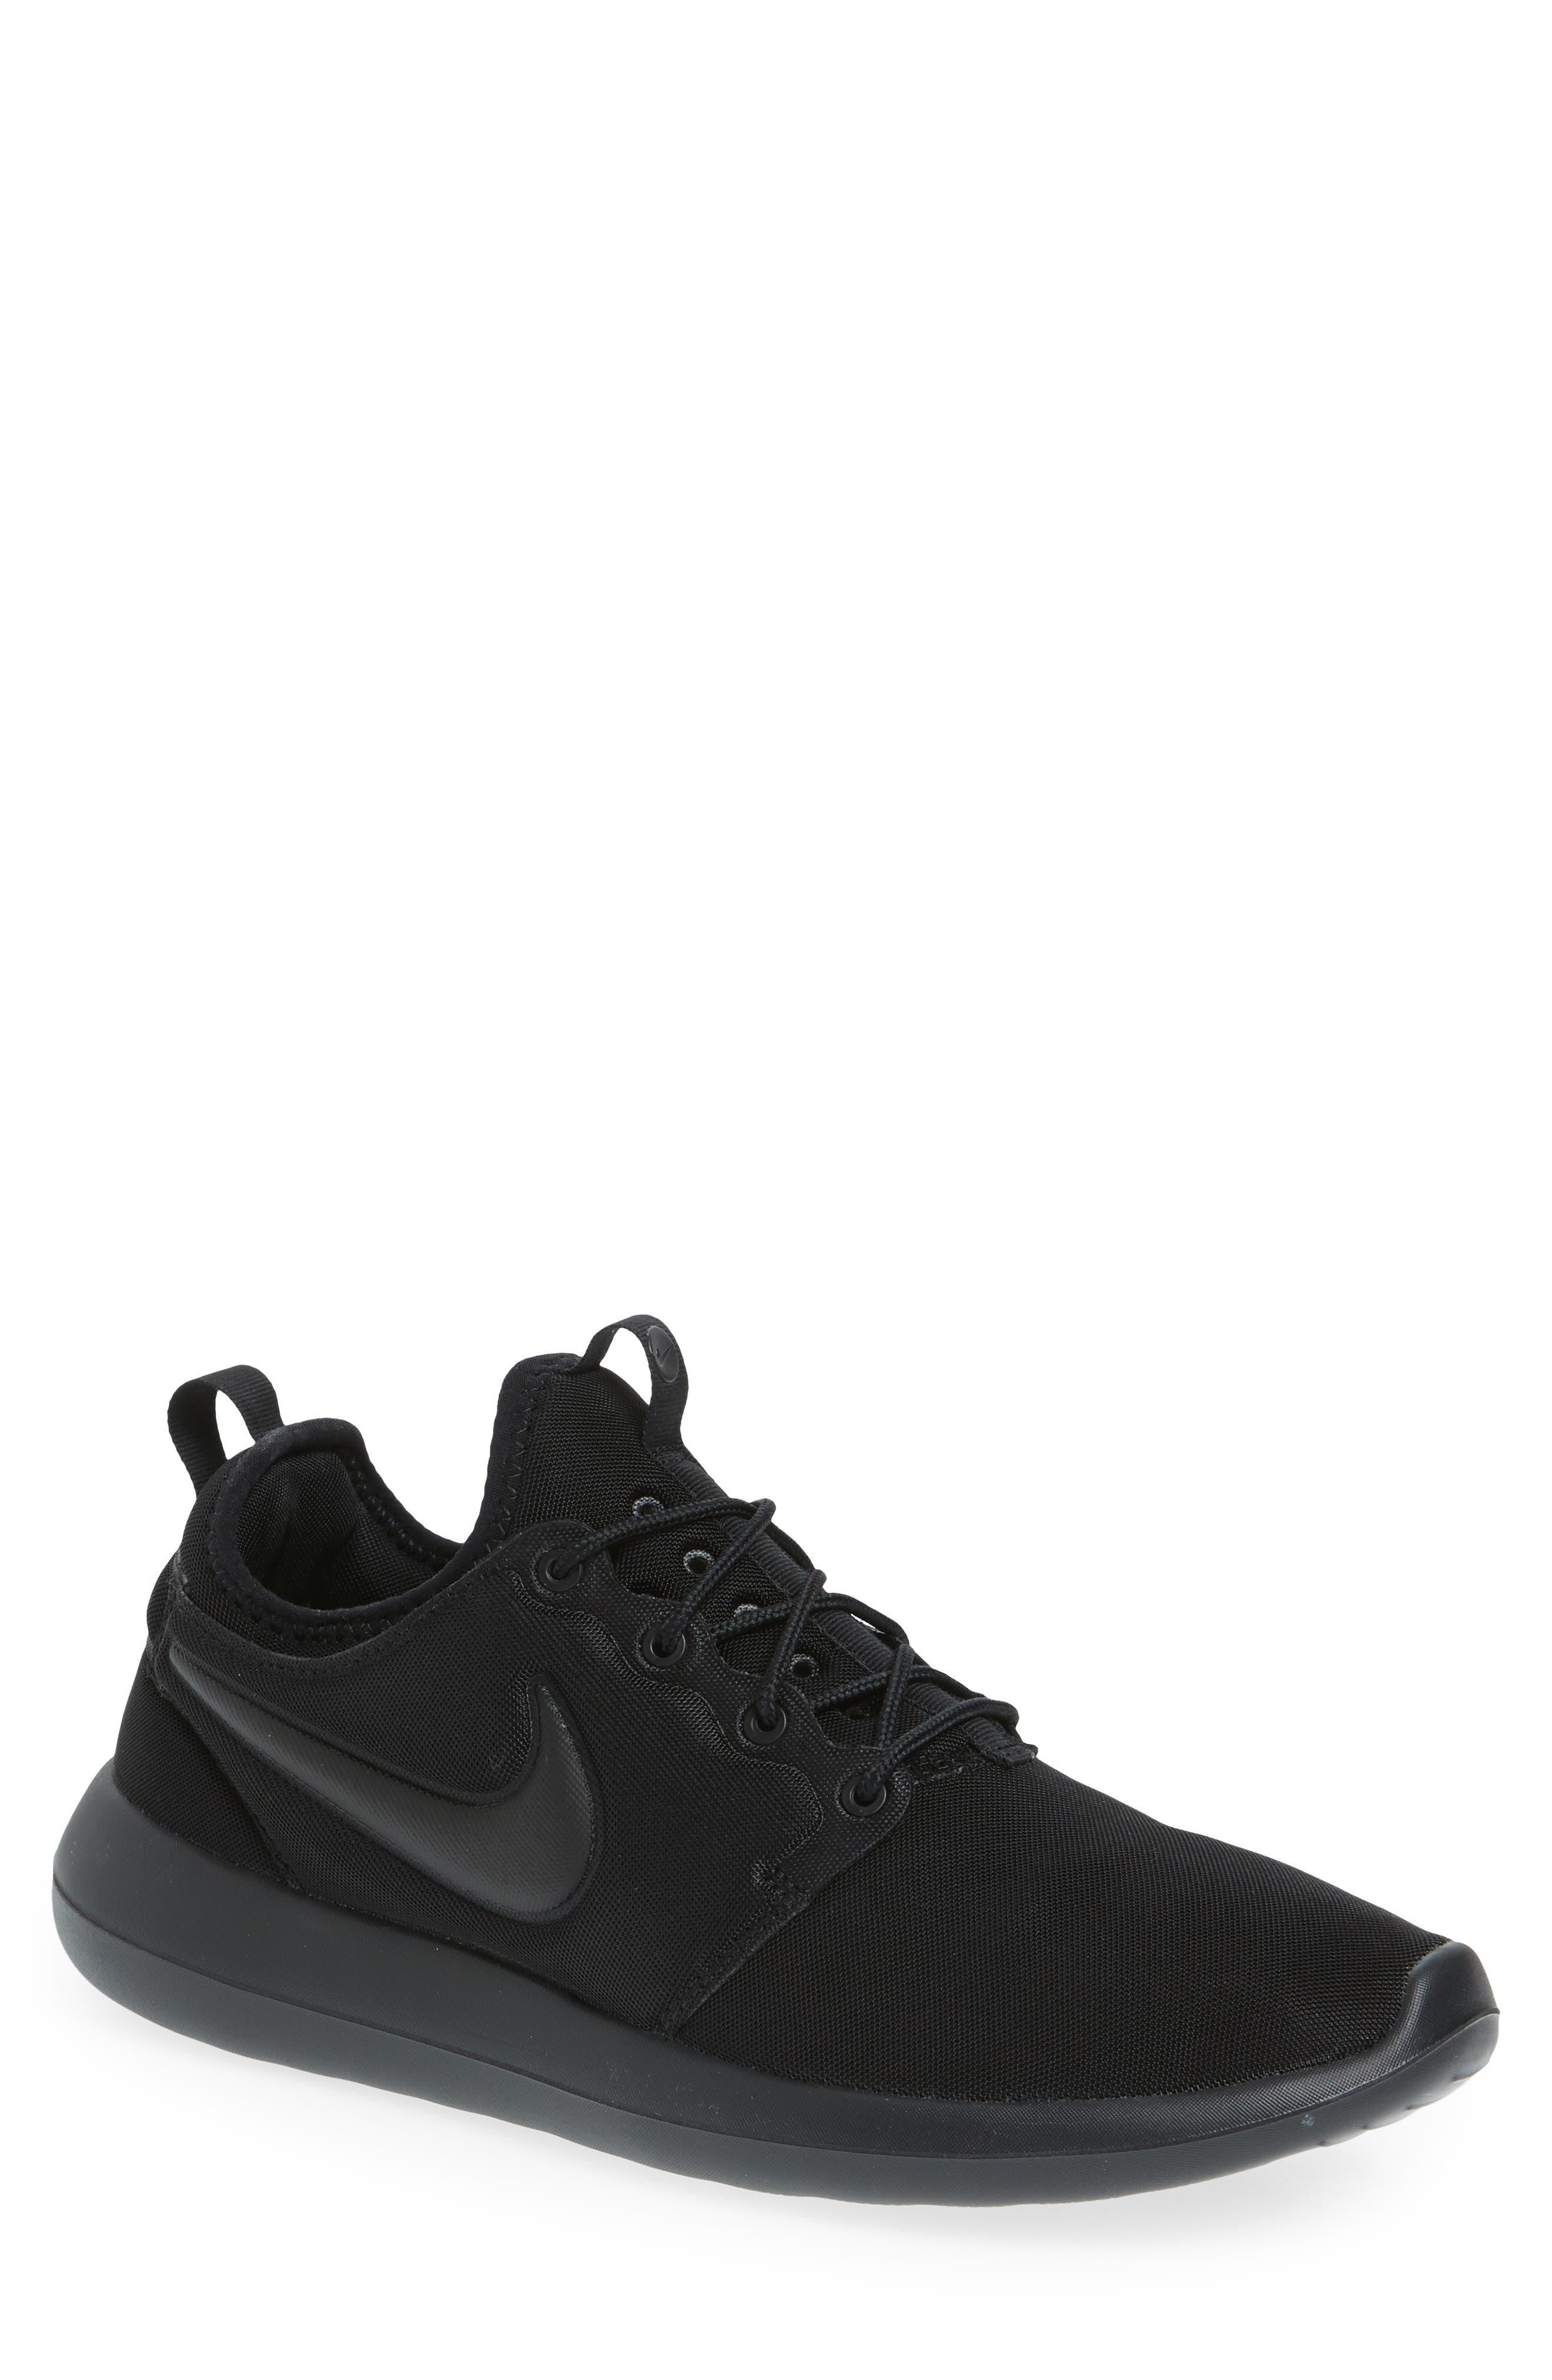 Roshe Two Sneaker,                             Main thumbnail 1, color,